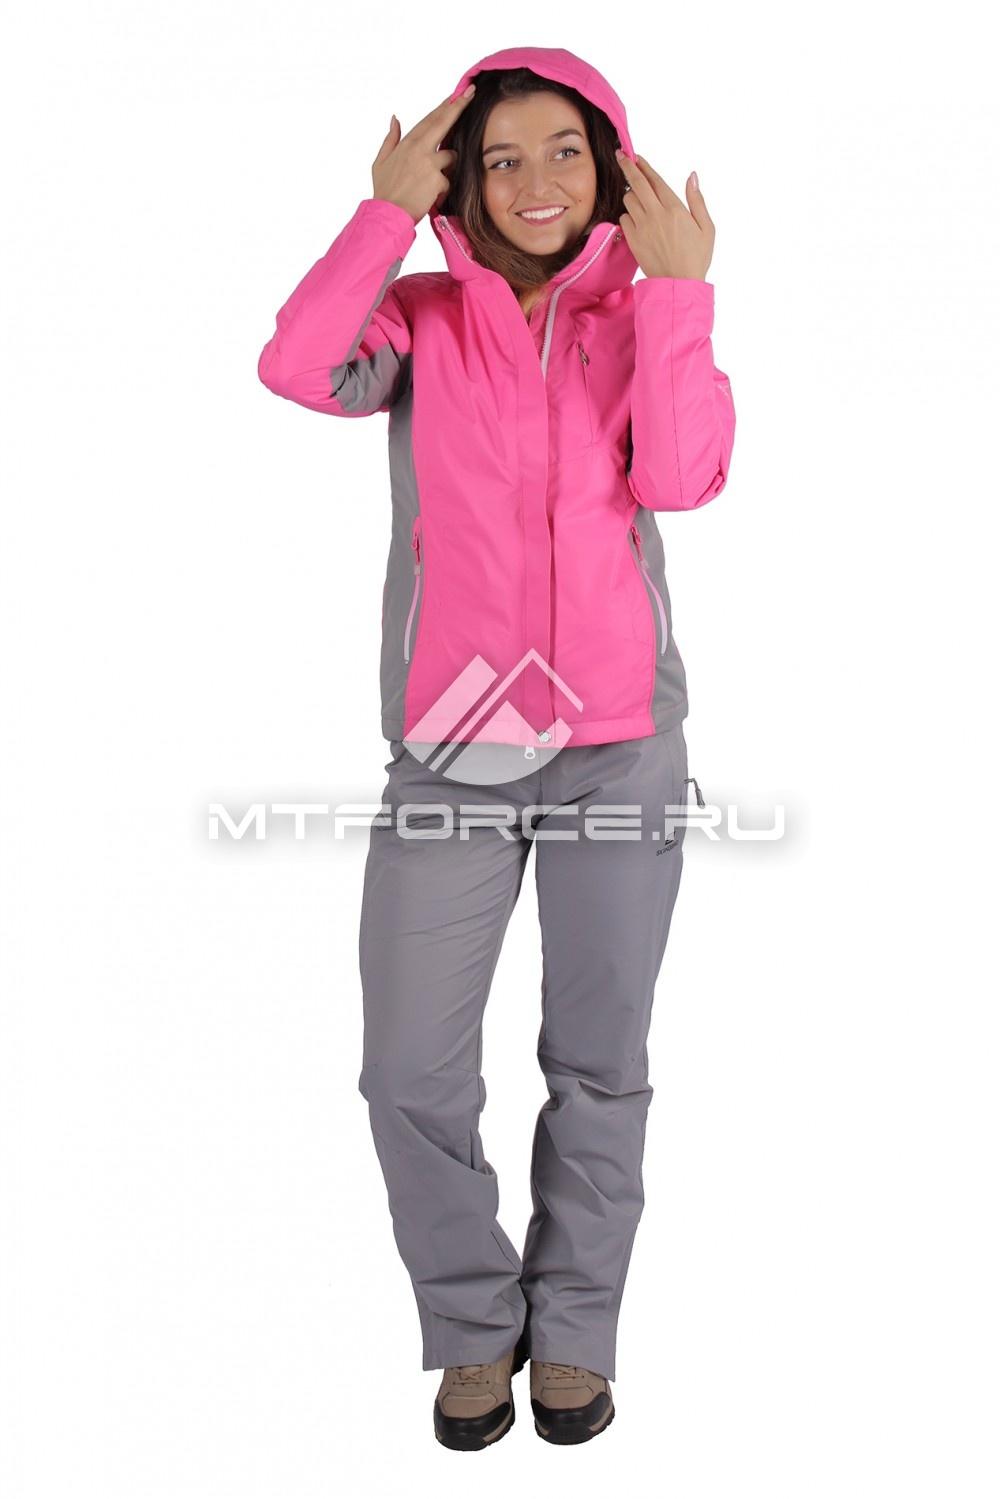 Купить                                  оптом Костюм женский осень весна розового цвета 01711R-1 в Санкт-Петербурге